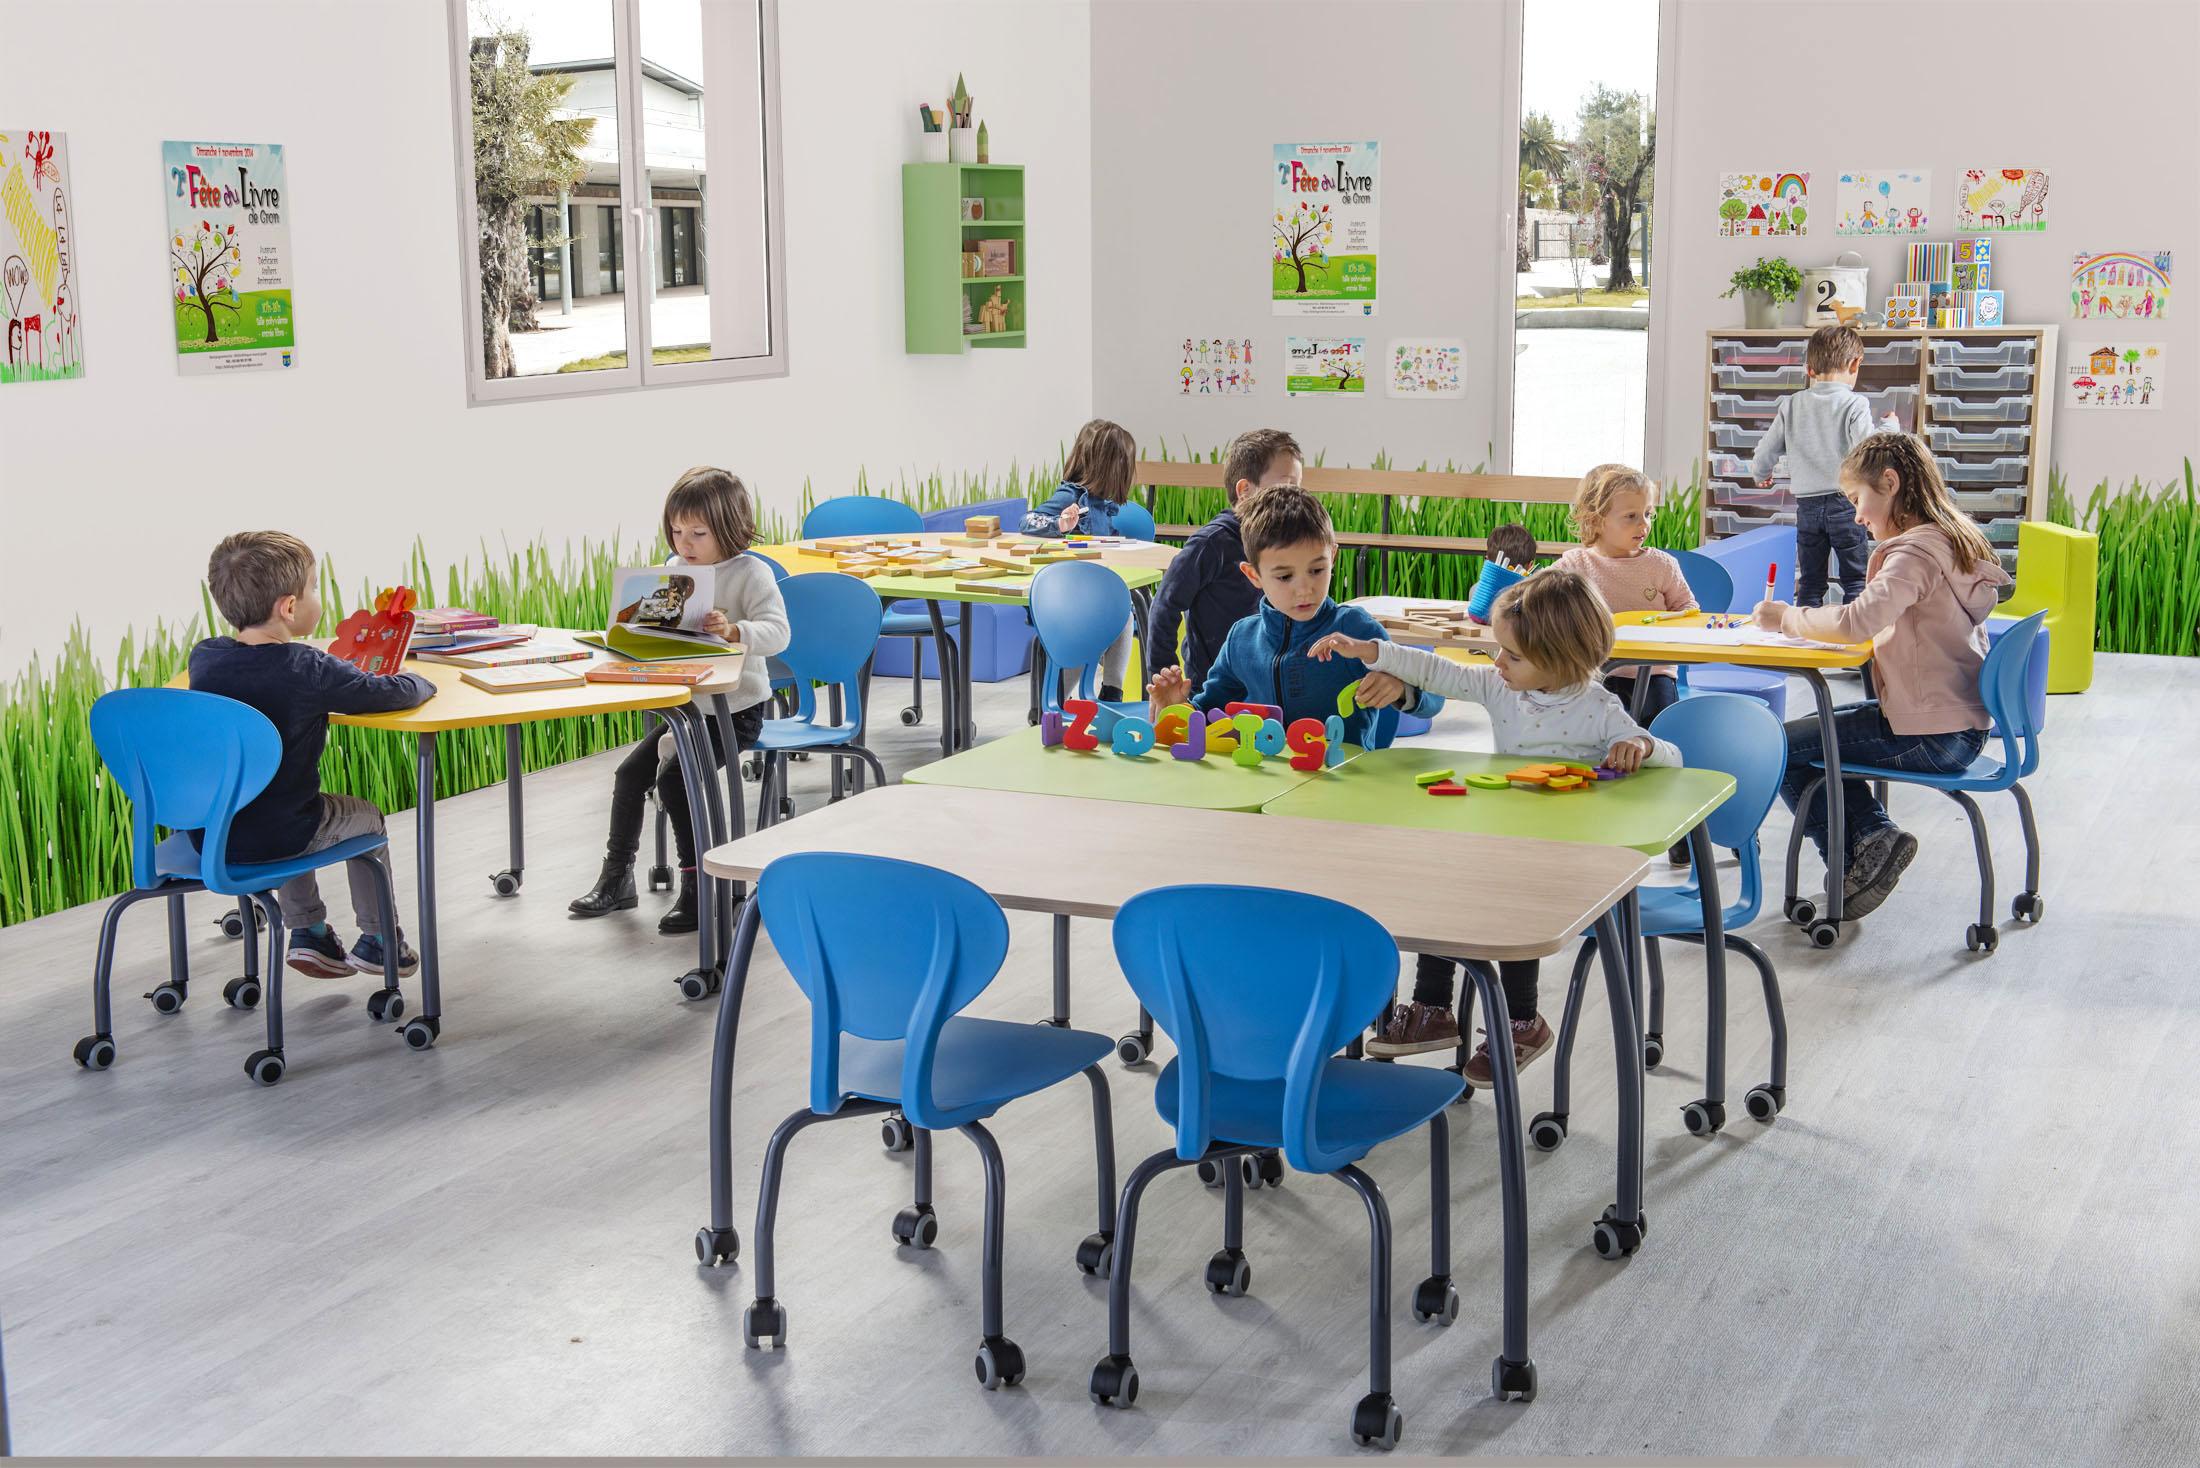 Ambiance de meuble pour salle de classe avec élèves